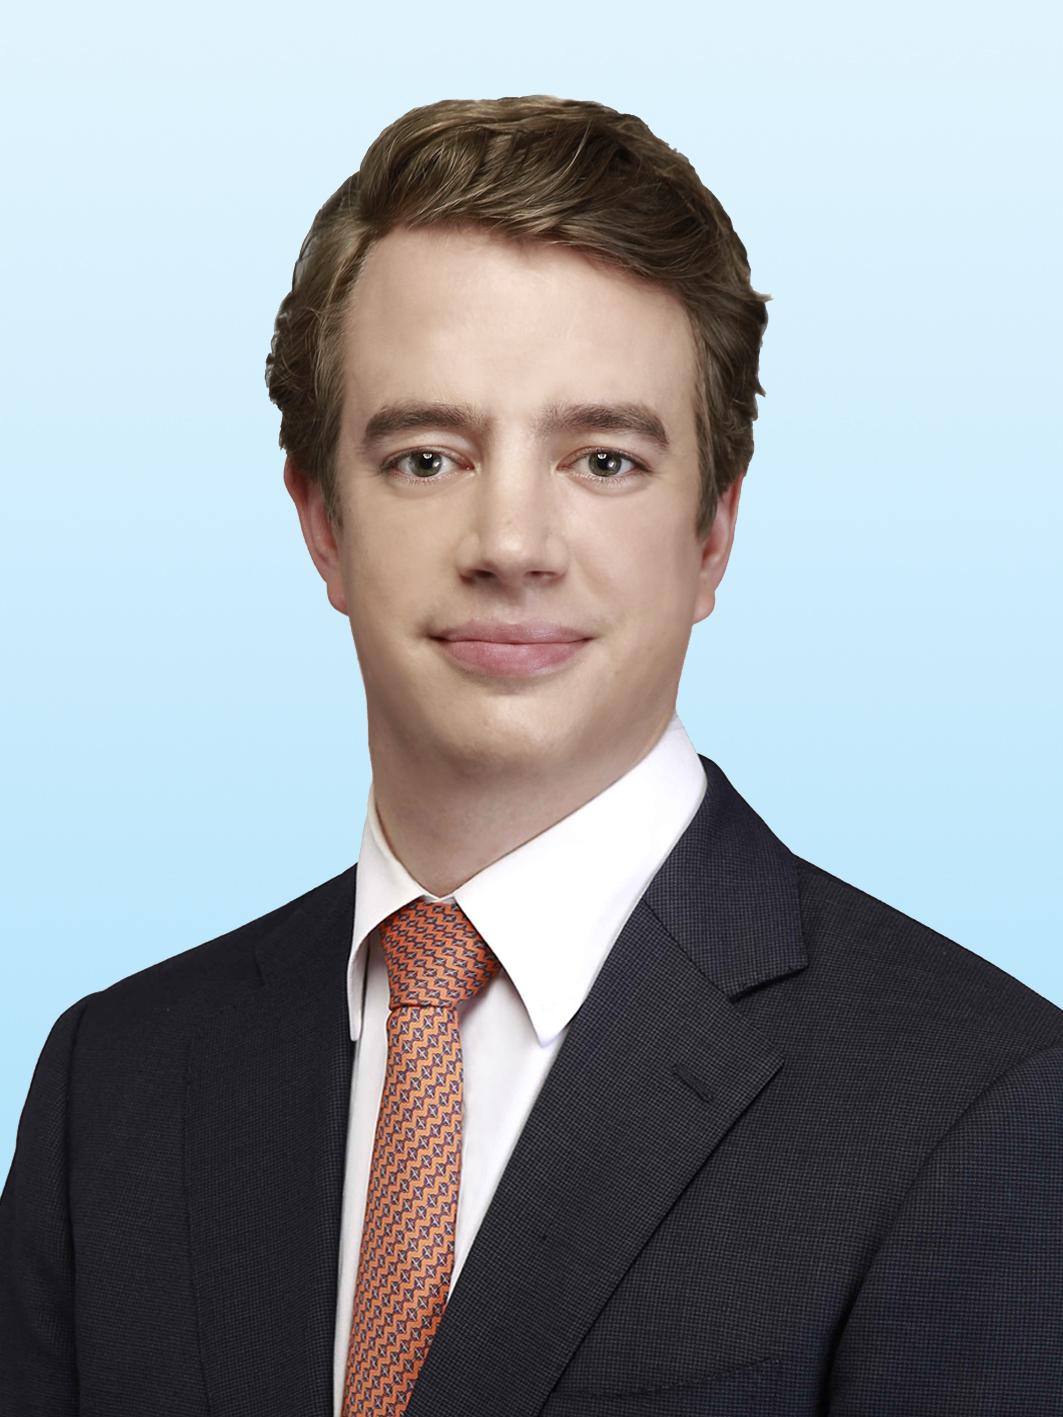 Bastiaan-van-Beijsterveldt